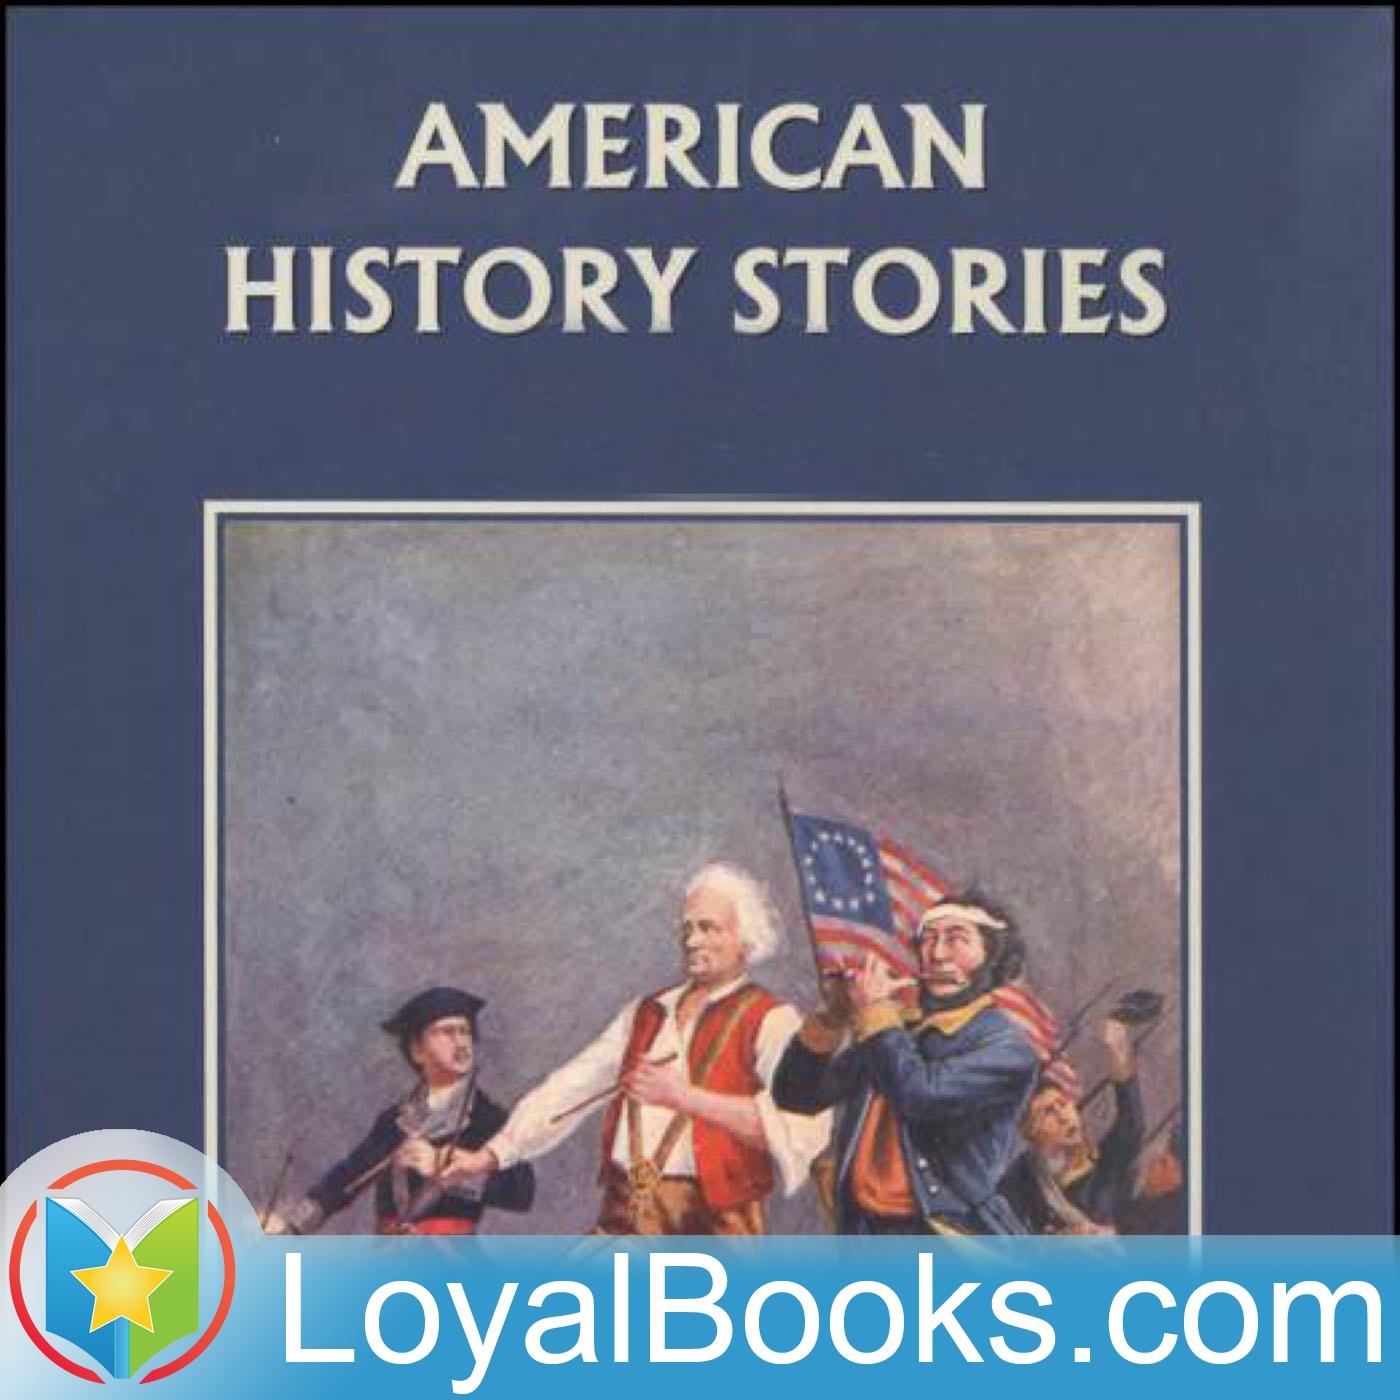 <![CDATA[American History Stories by Mara L. Pratt]]>